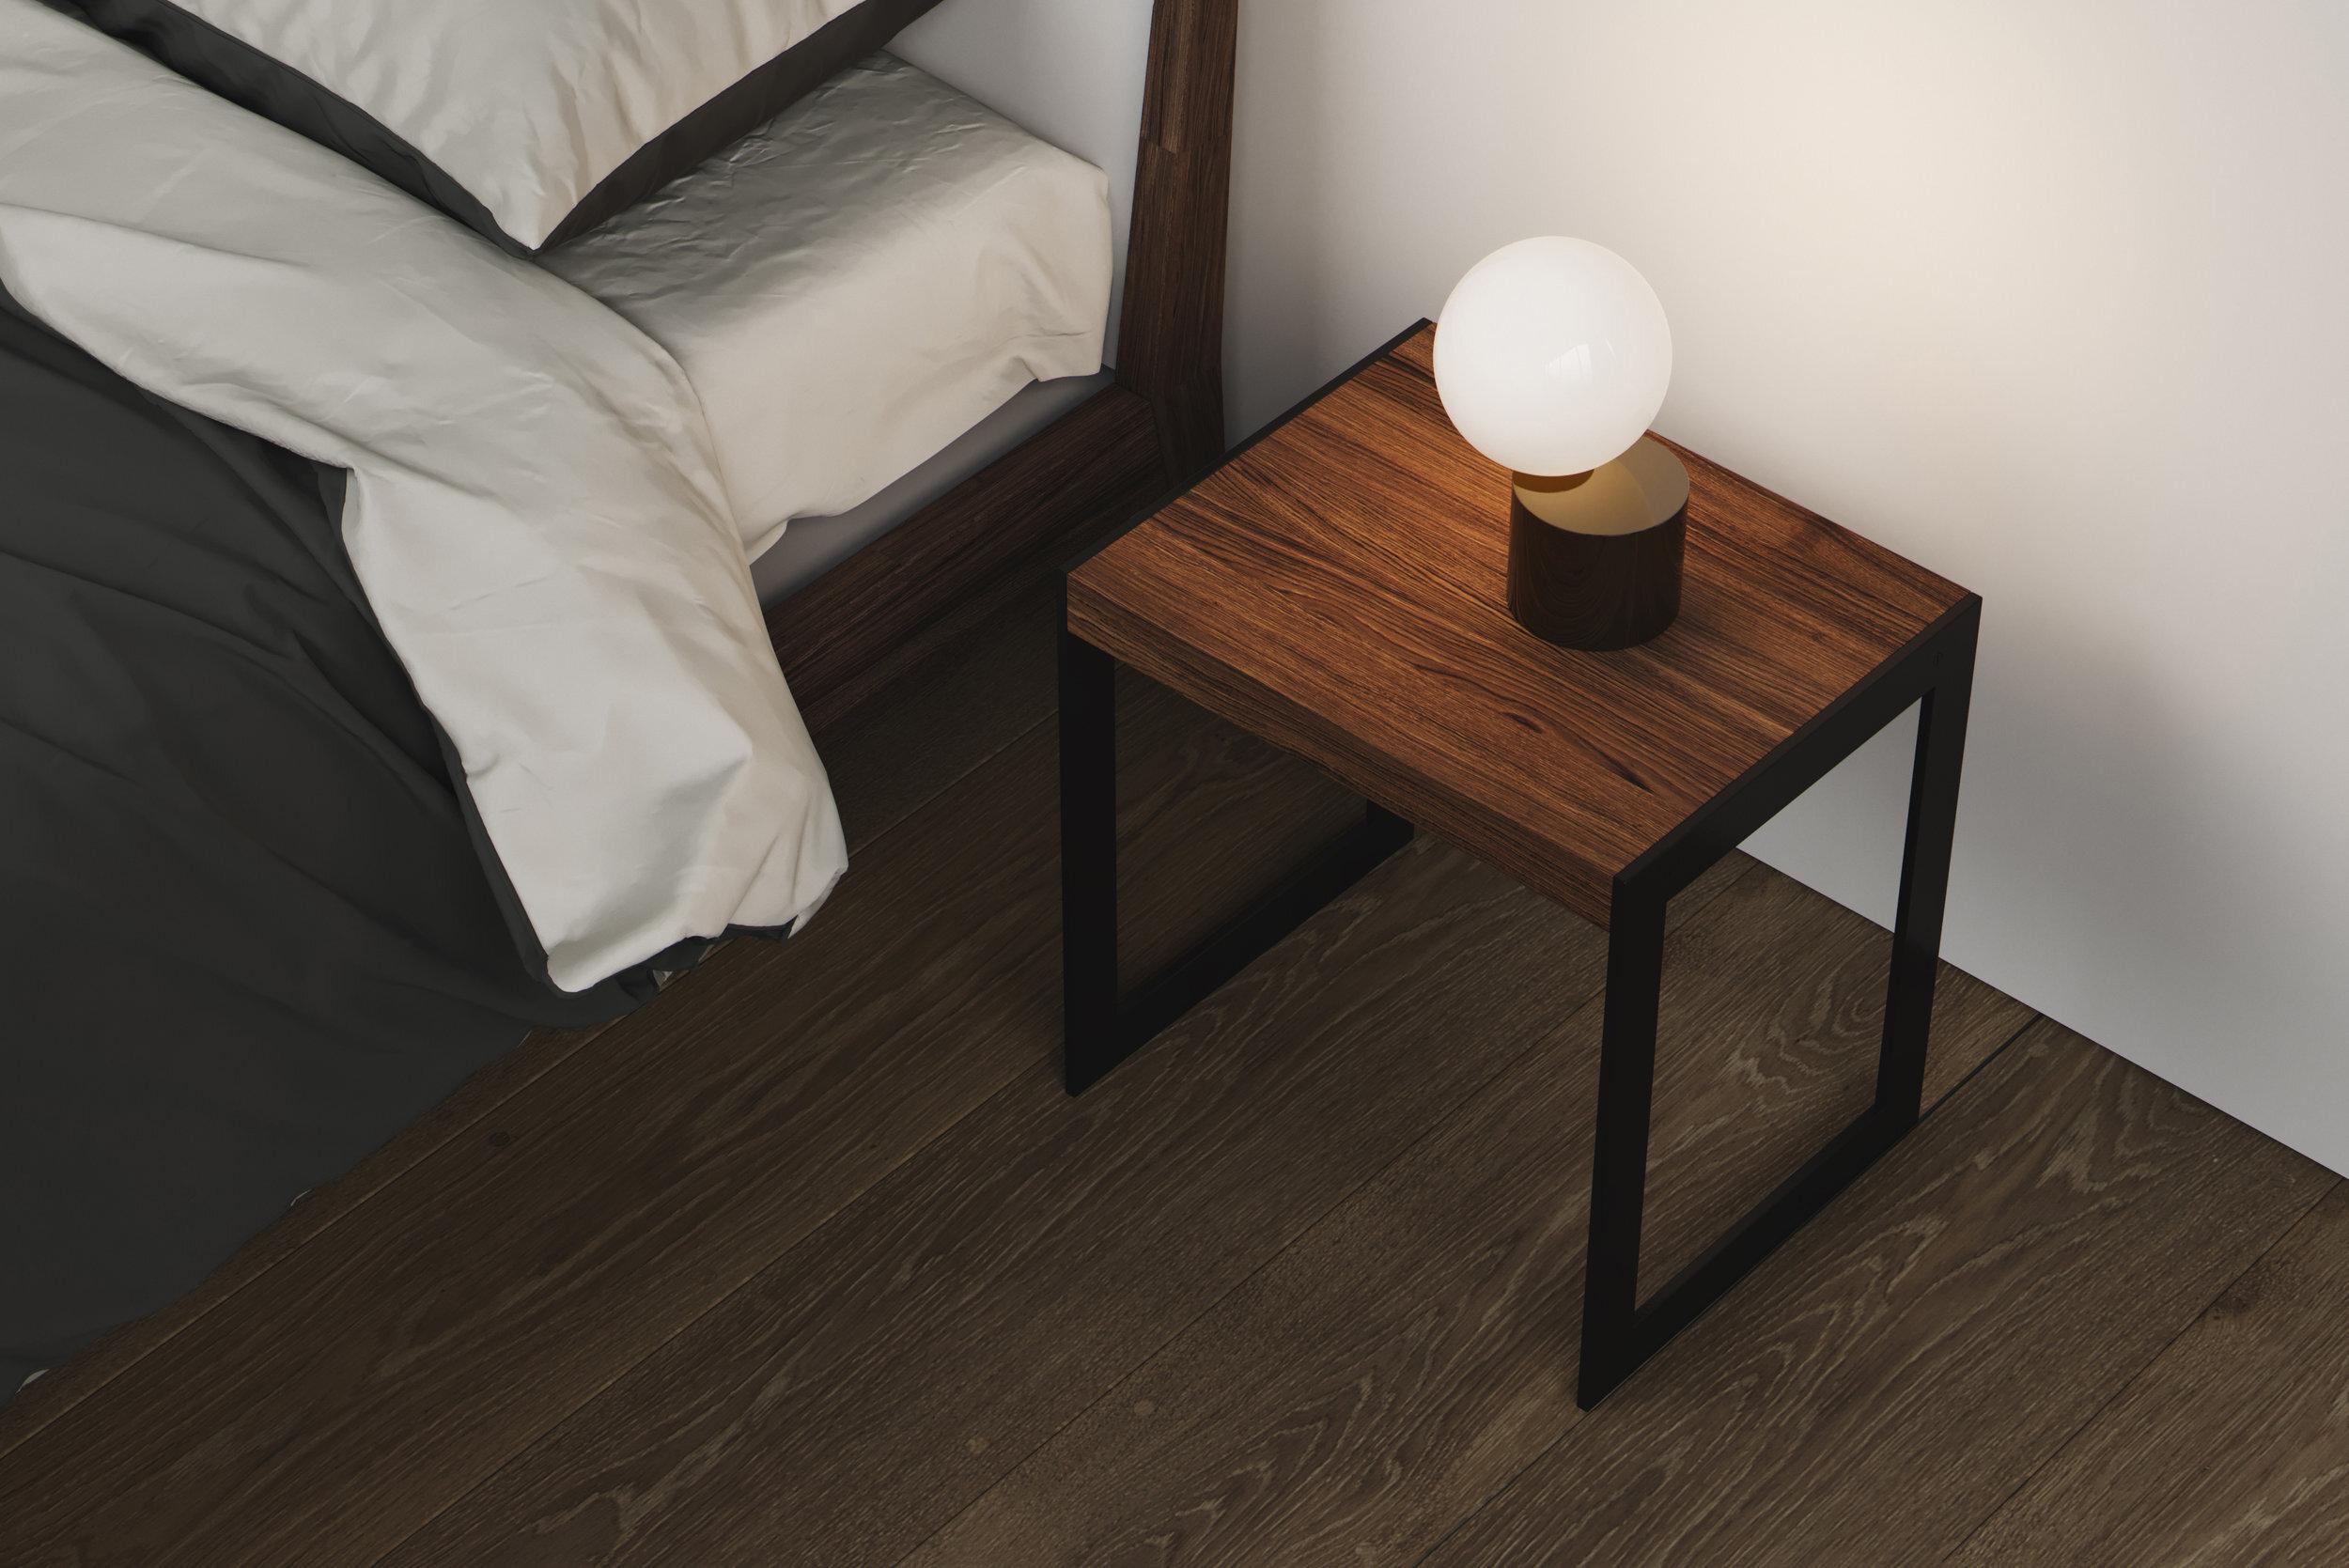 Furniture 3D visualisation